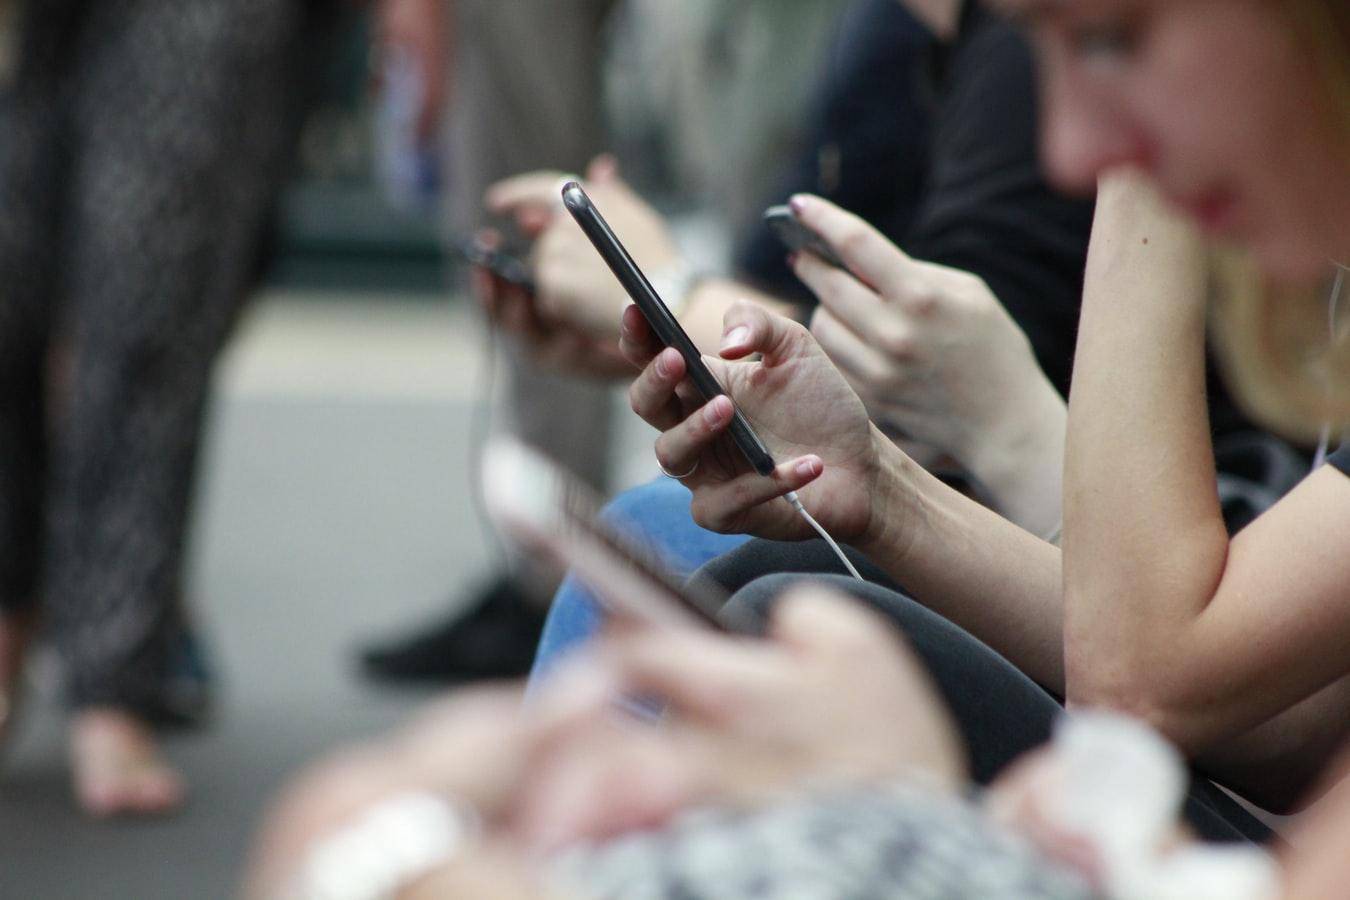 Η συνεχόμενη χρήση των social media είναι τελικά διαταραχή σύμφωνα με τους ειδικούς;